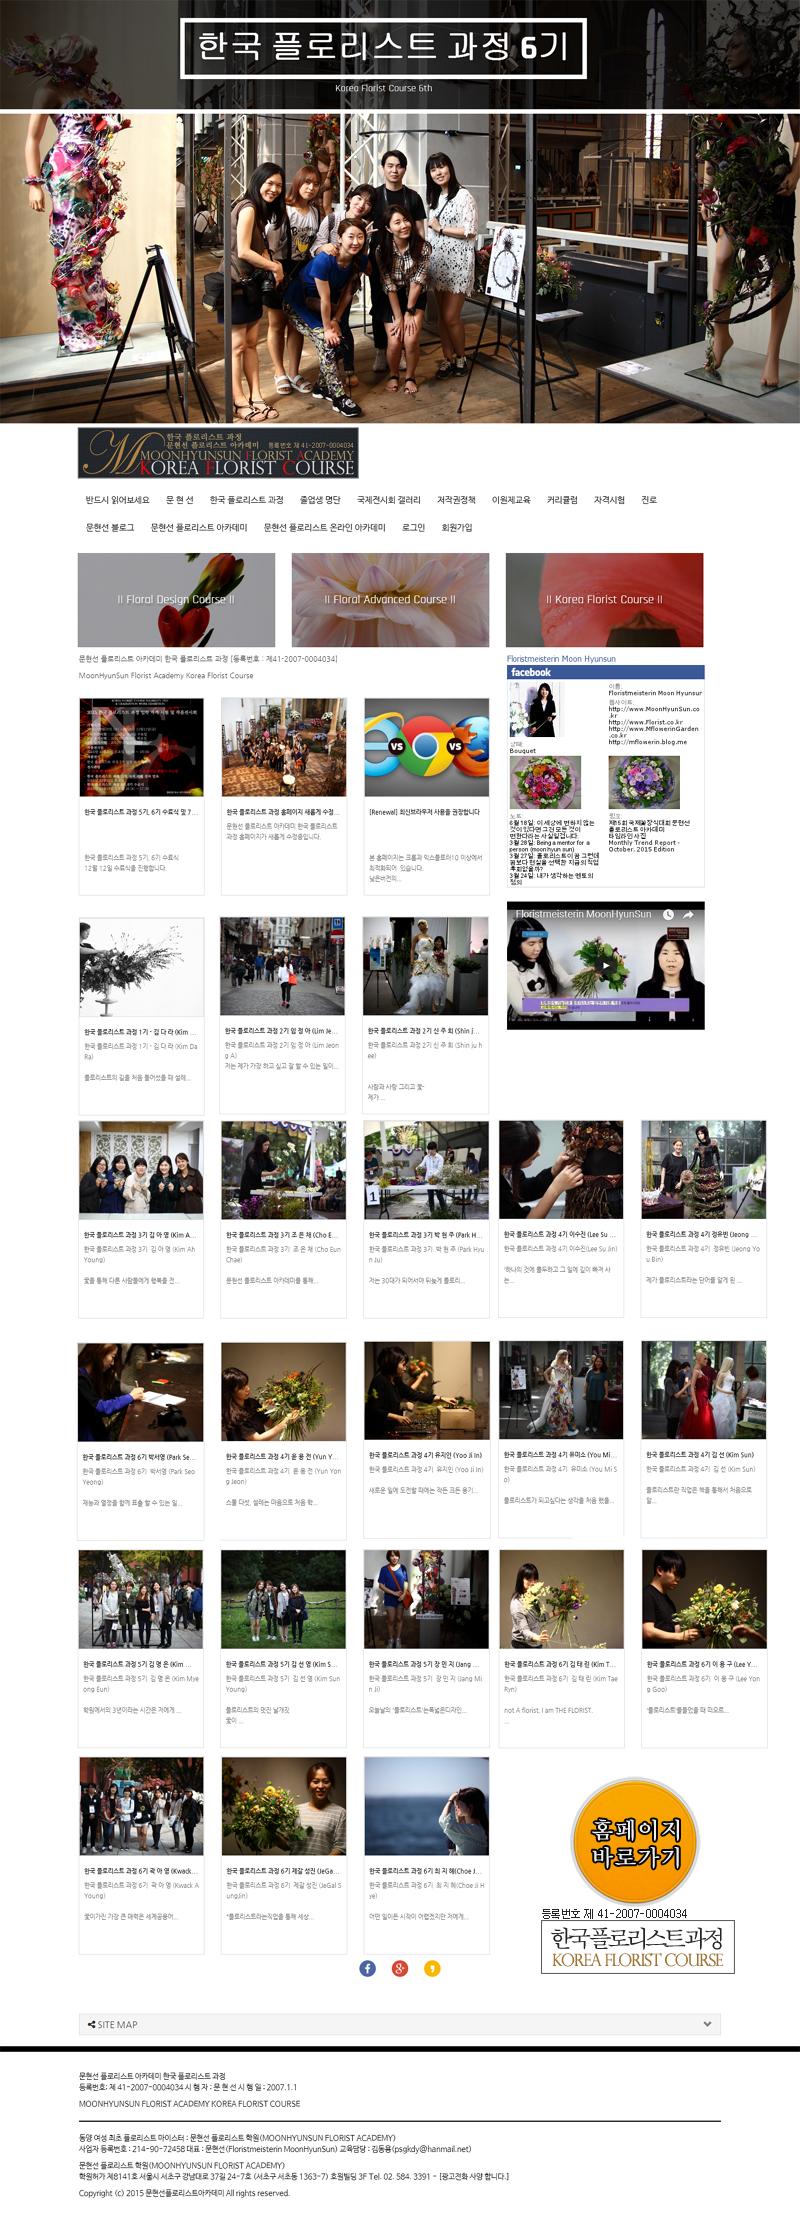 한국 플로리스트 반응형 웹 공개 홈페이지